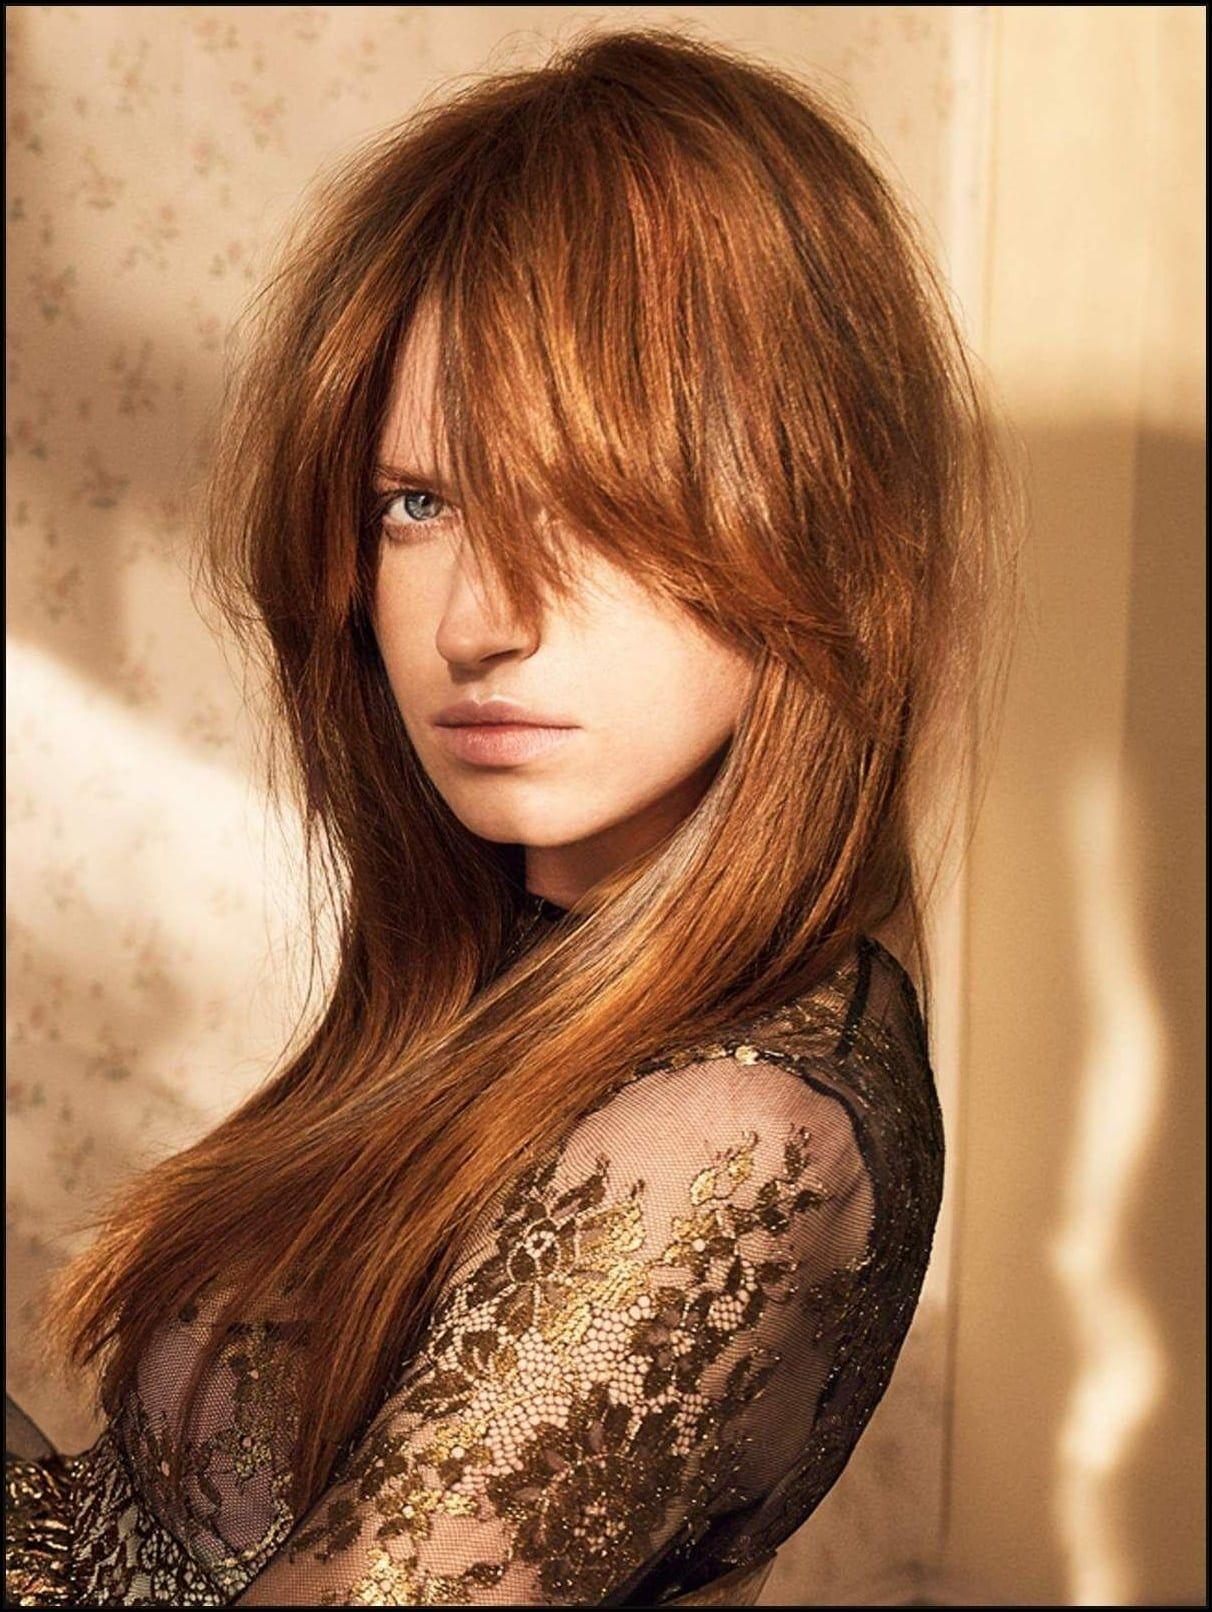 Innenarchitektur Haarfarben Trends 2018 Ideen Von | Hair Style | Einfache Frisuren |